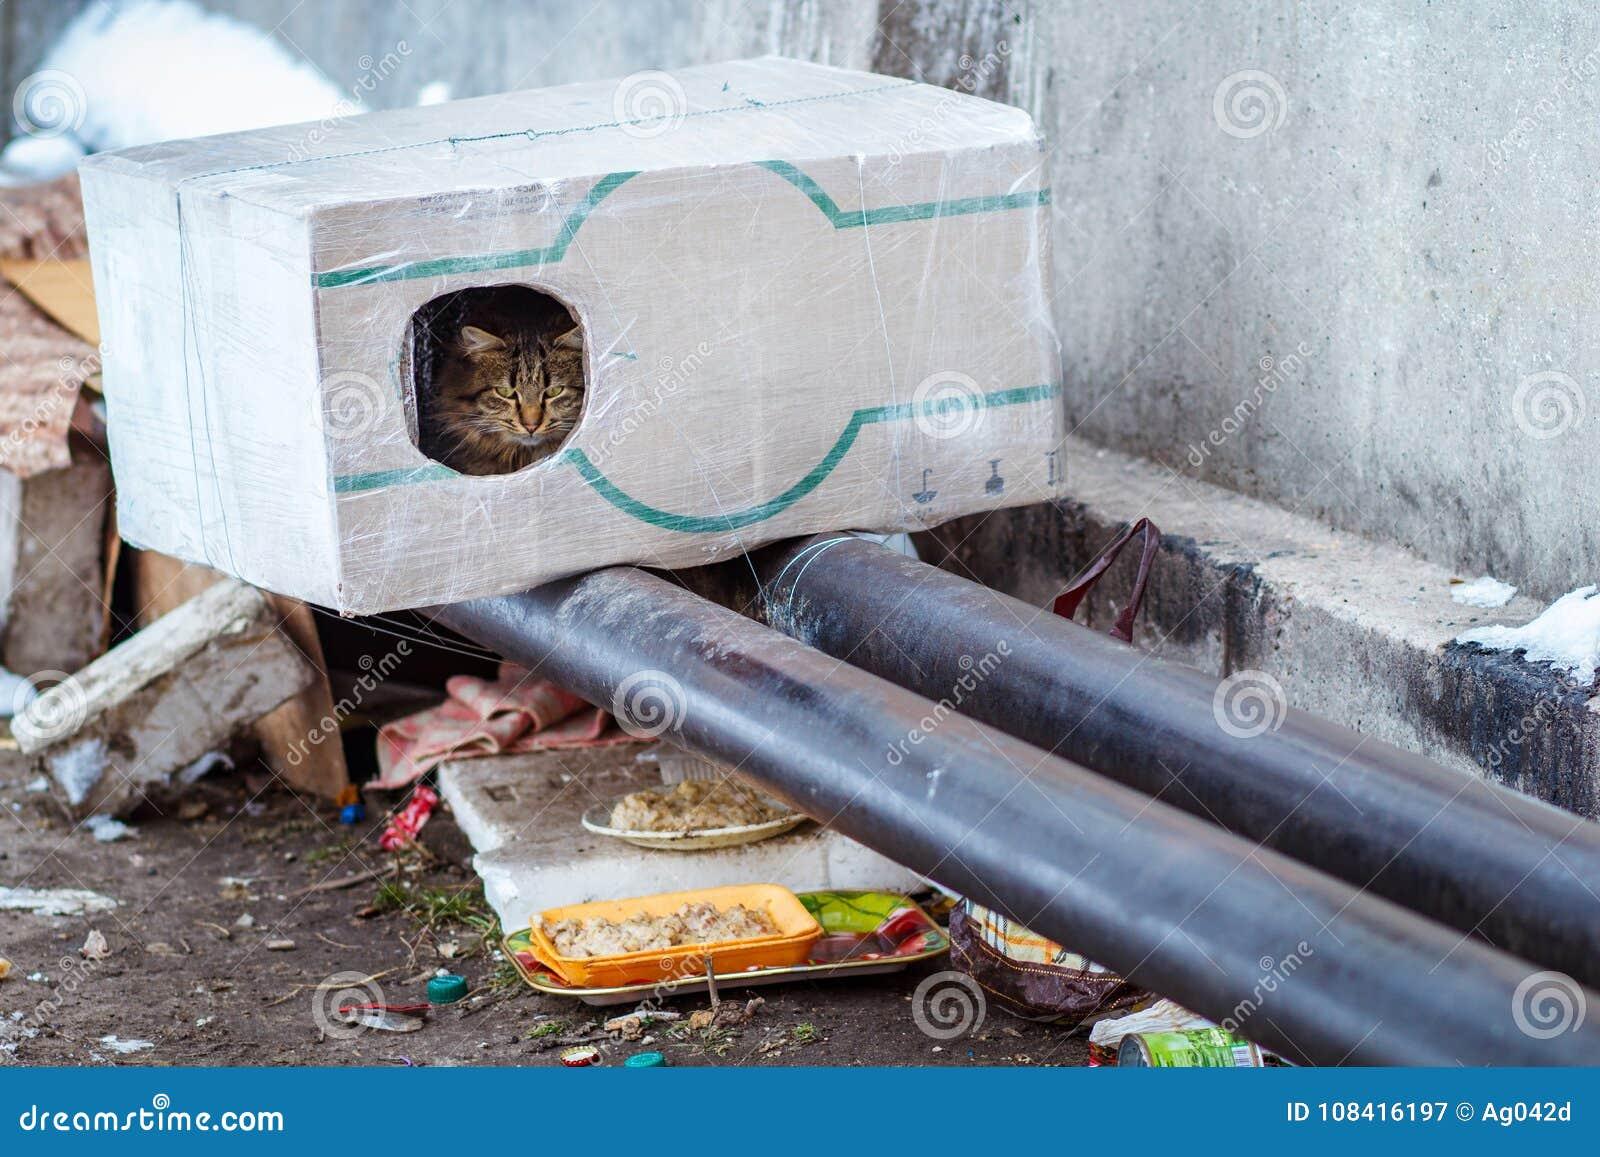 Gli animali smarriti nellinverno gatto senza tetto che si siede su